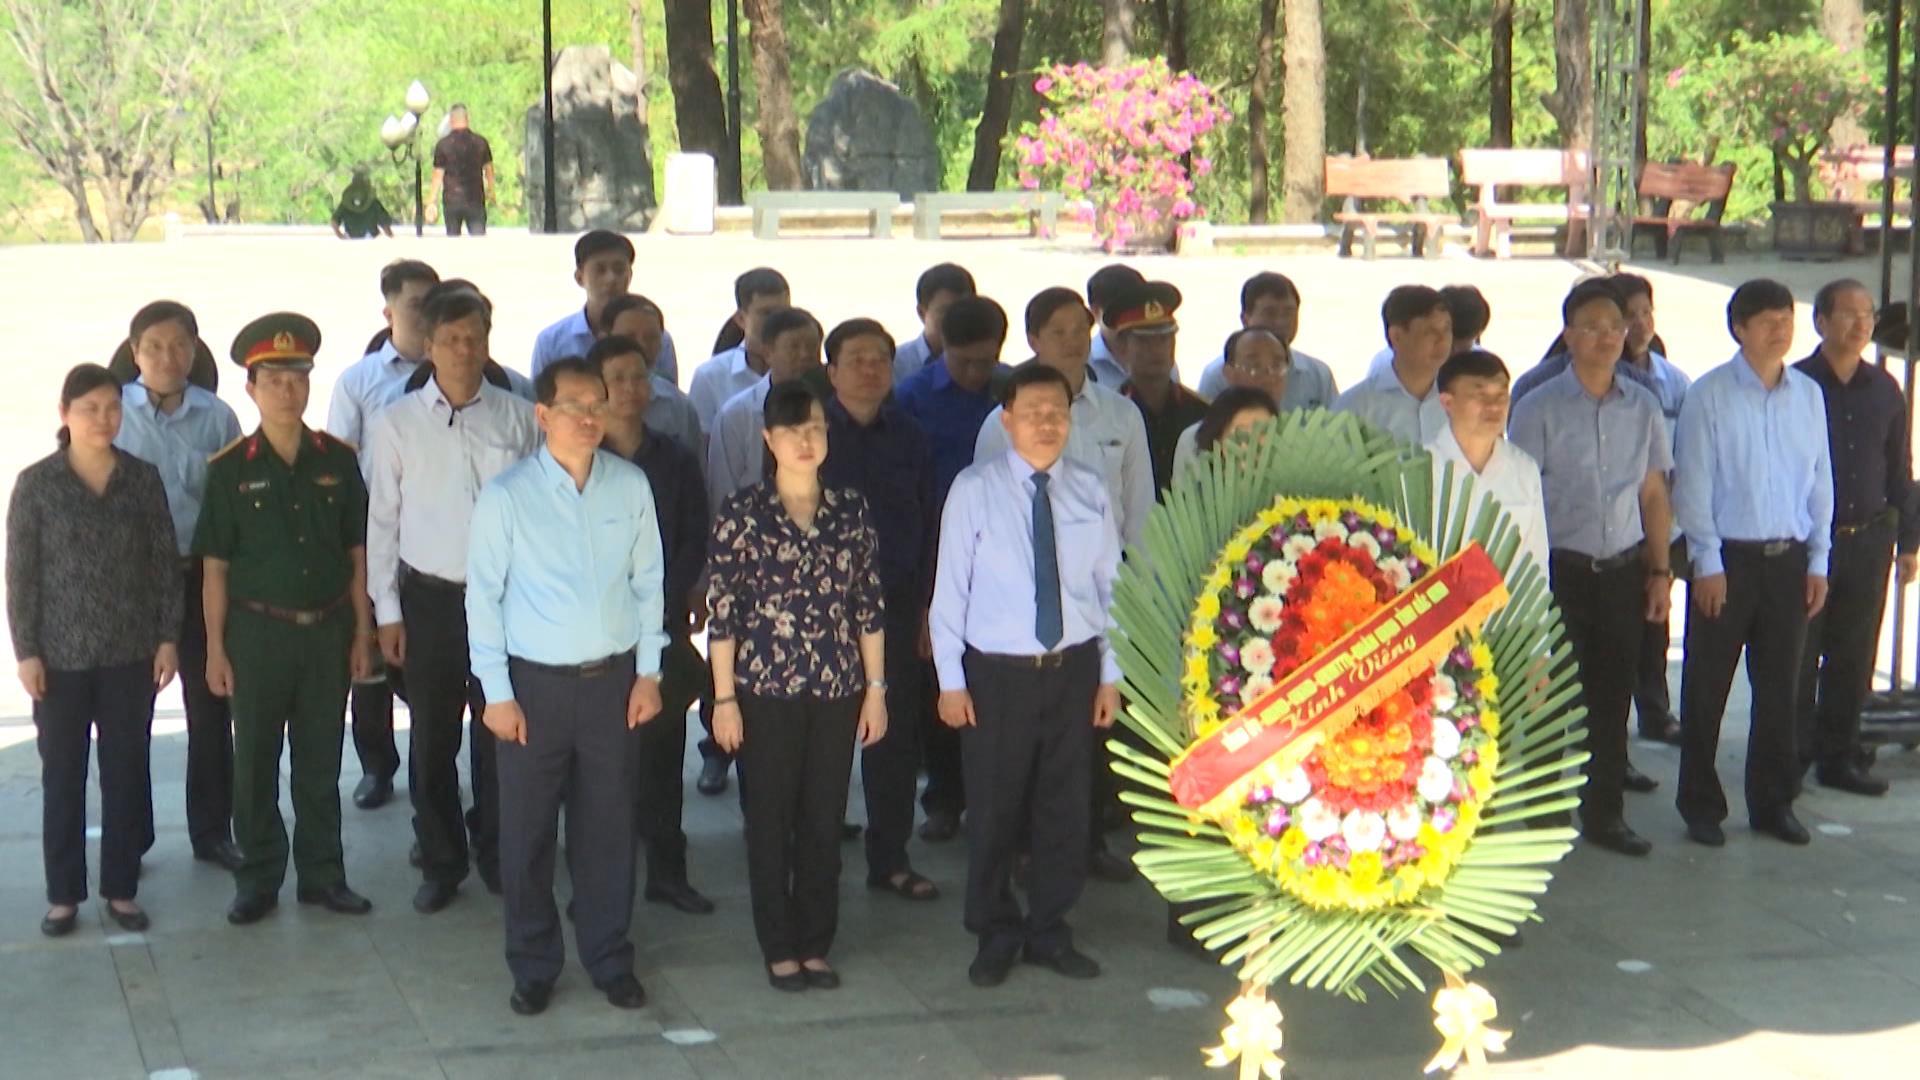 Đoàn cán bộ chủ chốt tỉnh viếng nghĩa trang liệt sĩ tại Quảng Trị